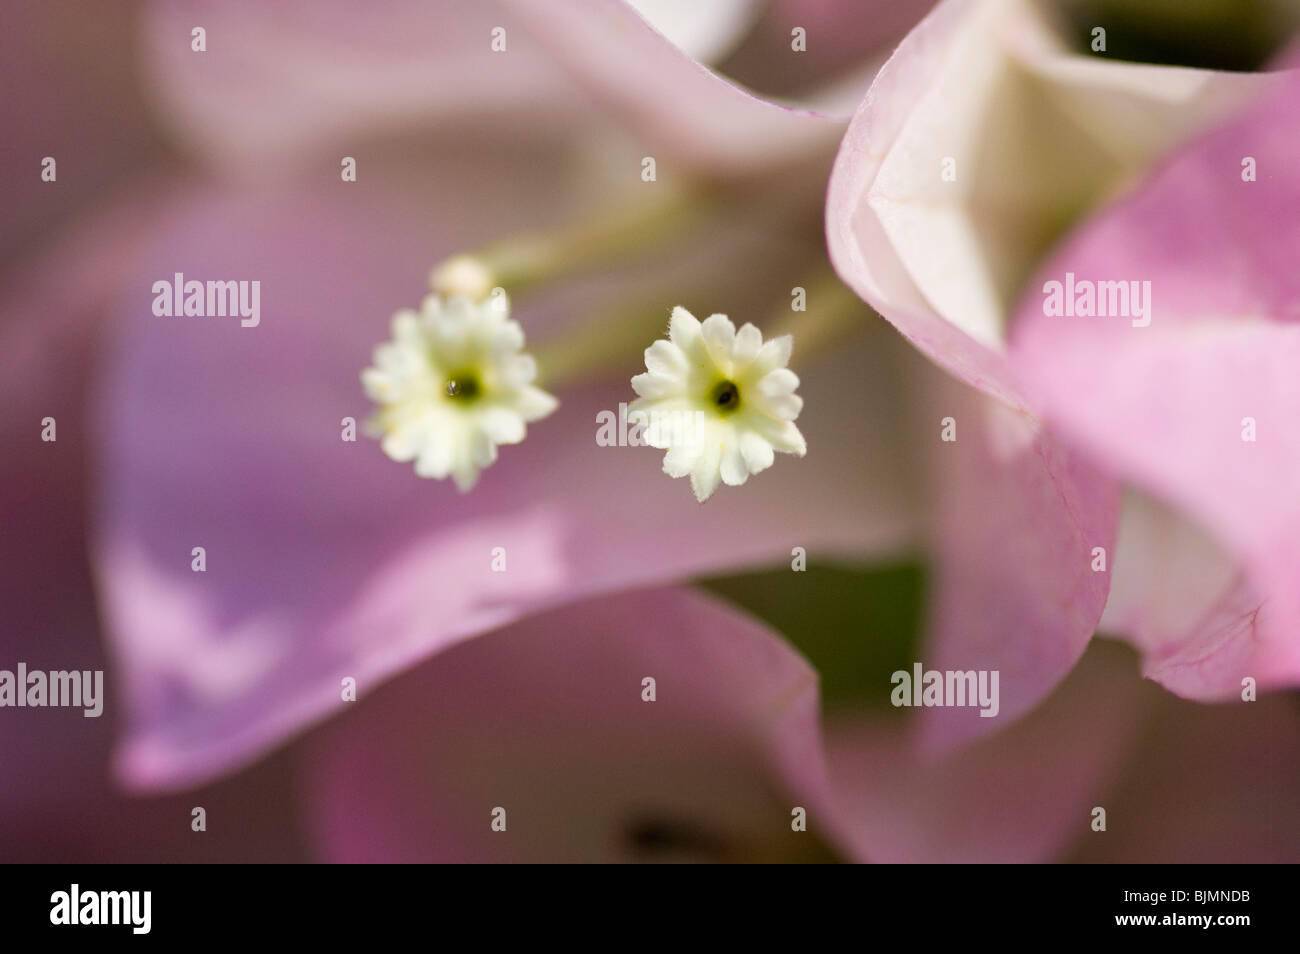 Il Bougainvillea soft focus fiori di colore rosa che mostra la sezione centrale del fiore. Immagini Stock